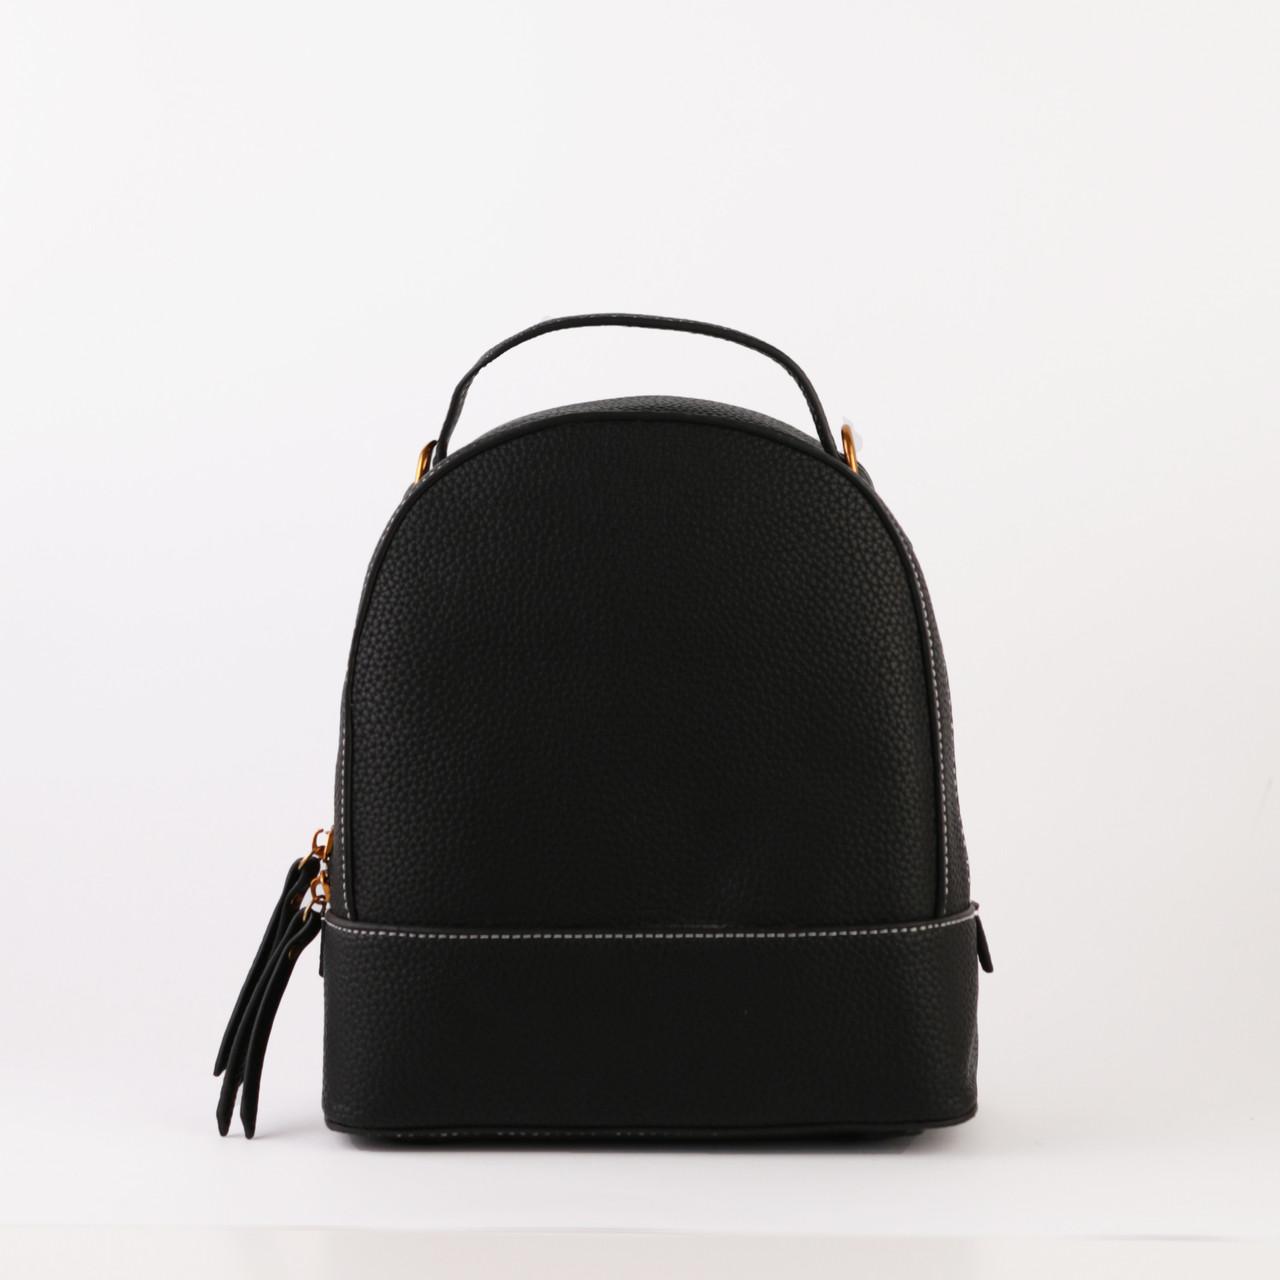 21bfdd9a7815 Сумка-рюкзак женский кожаный маленький черный купить по выгодной ...